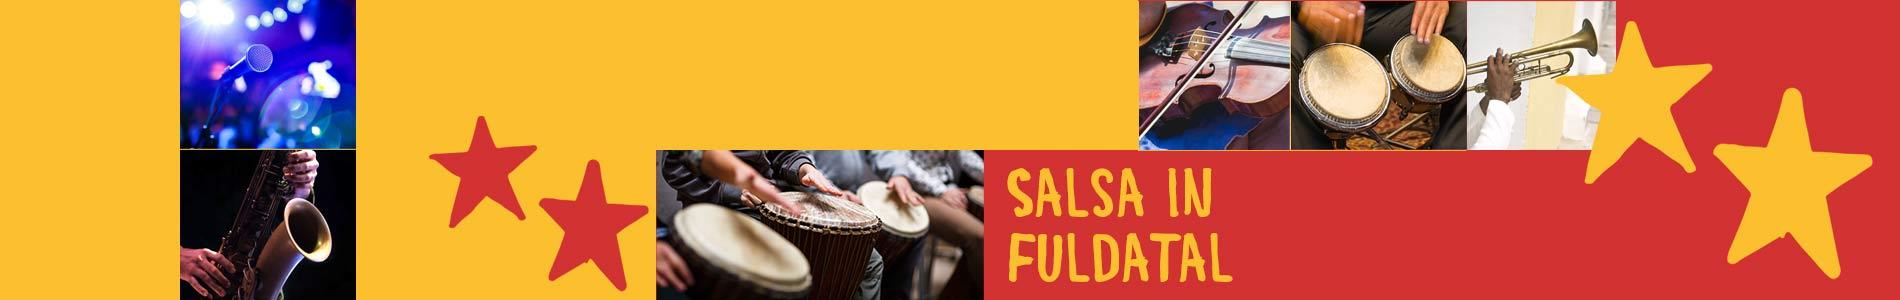 Salsa in Fuldatal – Salsa lernen und tanzen, Tanzkurse, Partys, Veranstaltungen